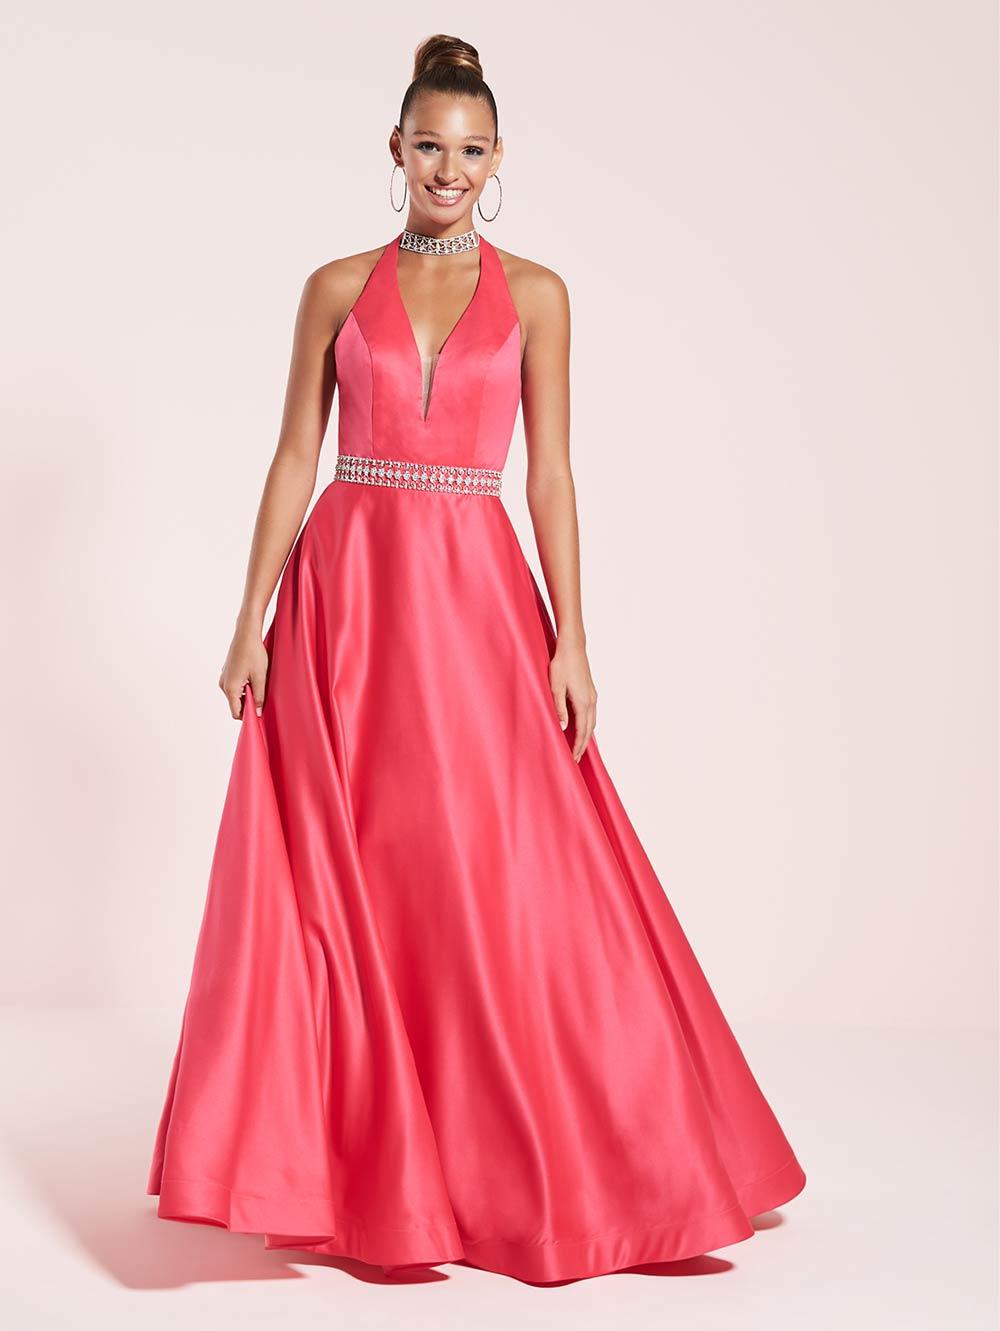 prom-dresses-jacquelin-bridals-canada-27522